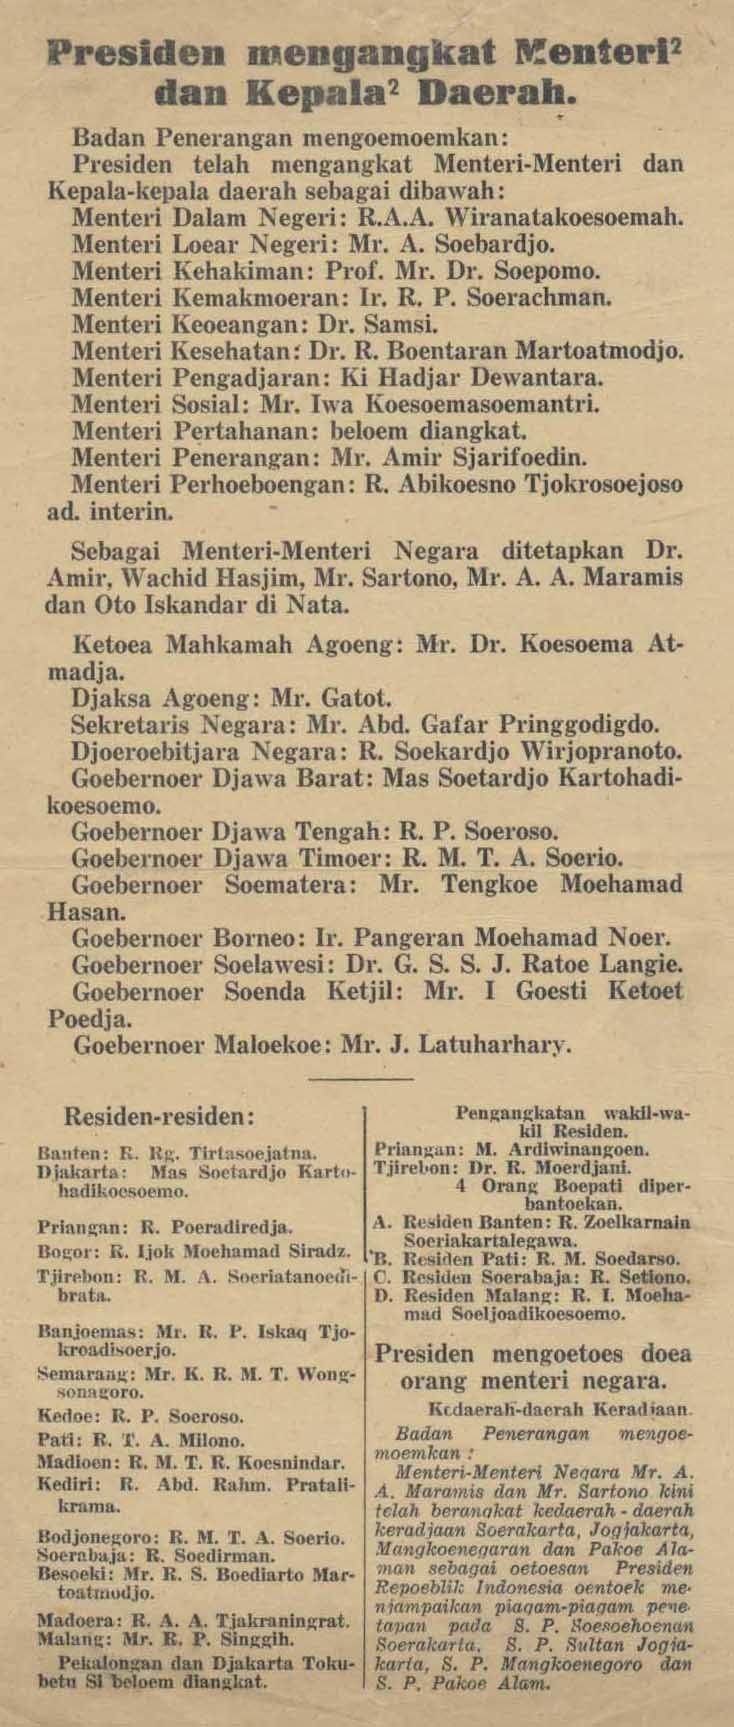 Sukarno presidential cabinet